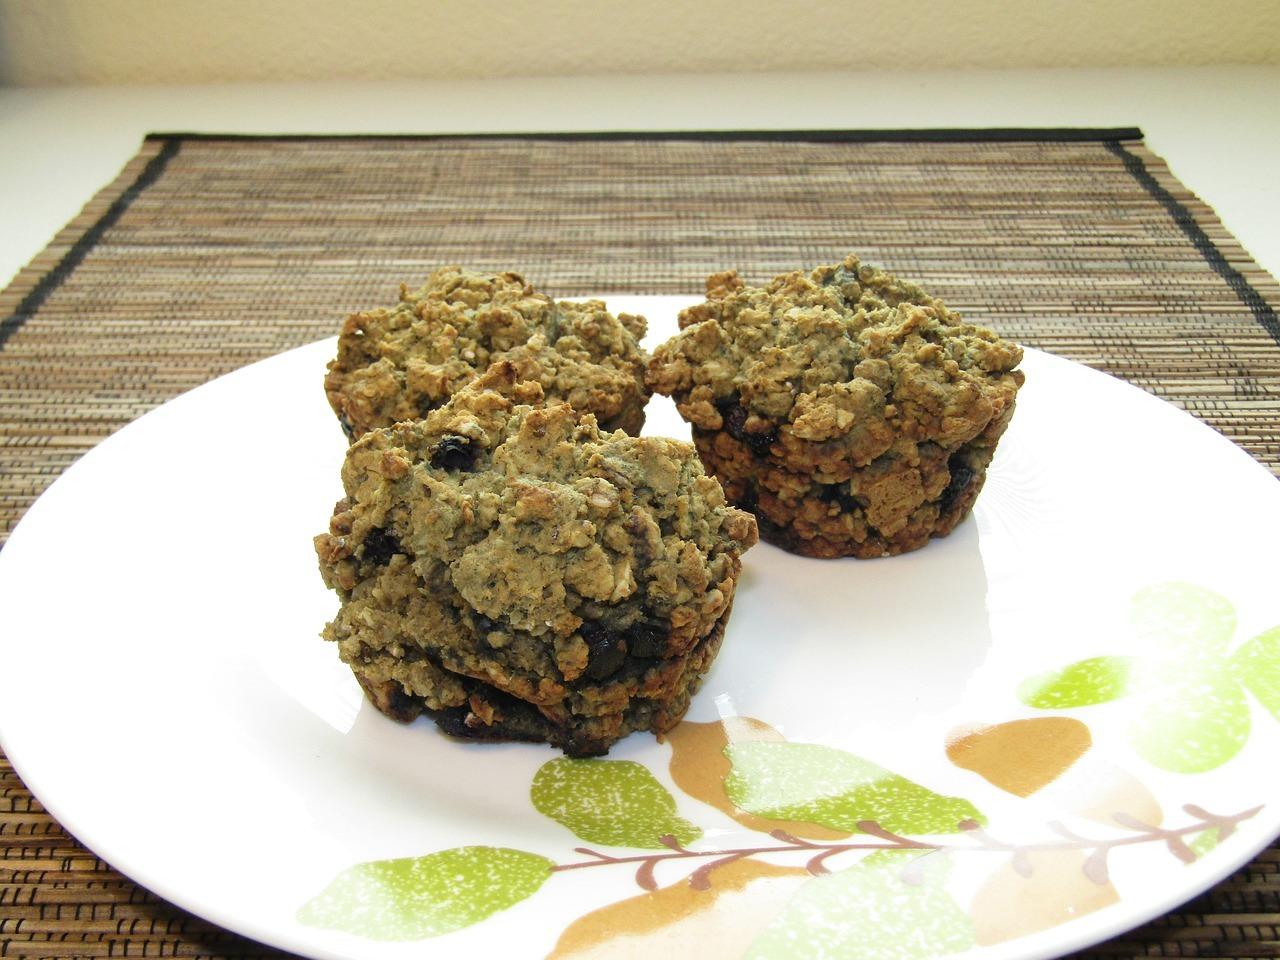 pikante muffins 3 rezepte f r die deftigen kleinen kuchen. Black Bedroom Furniture Sets. Home Design Ideas